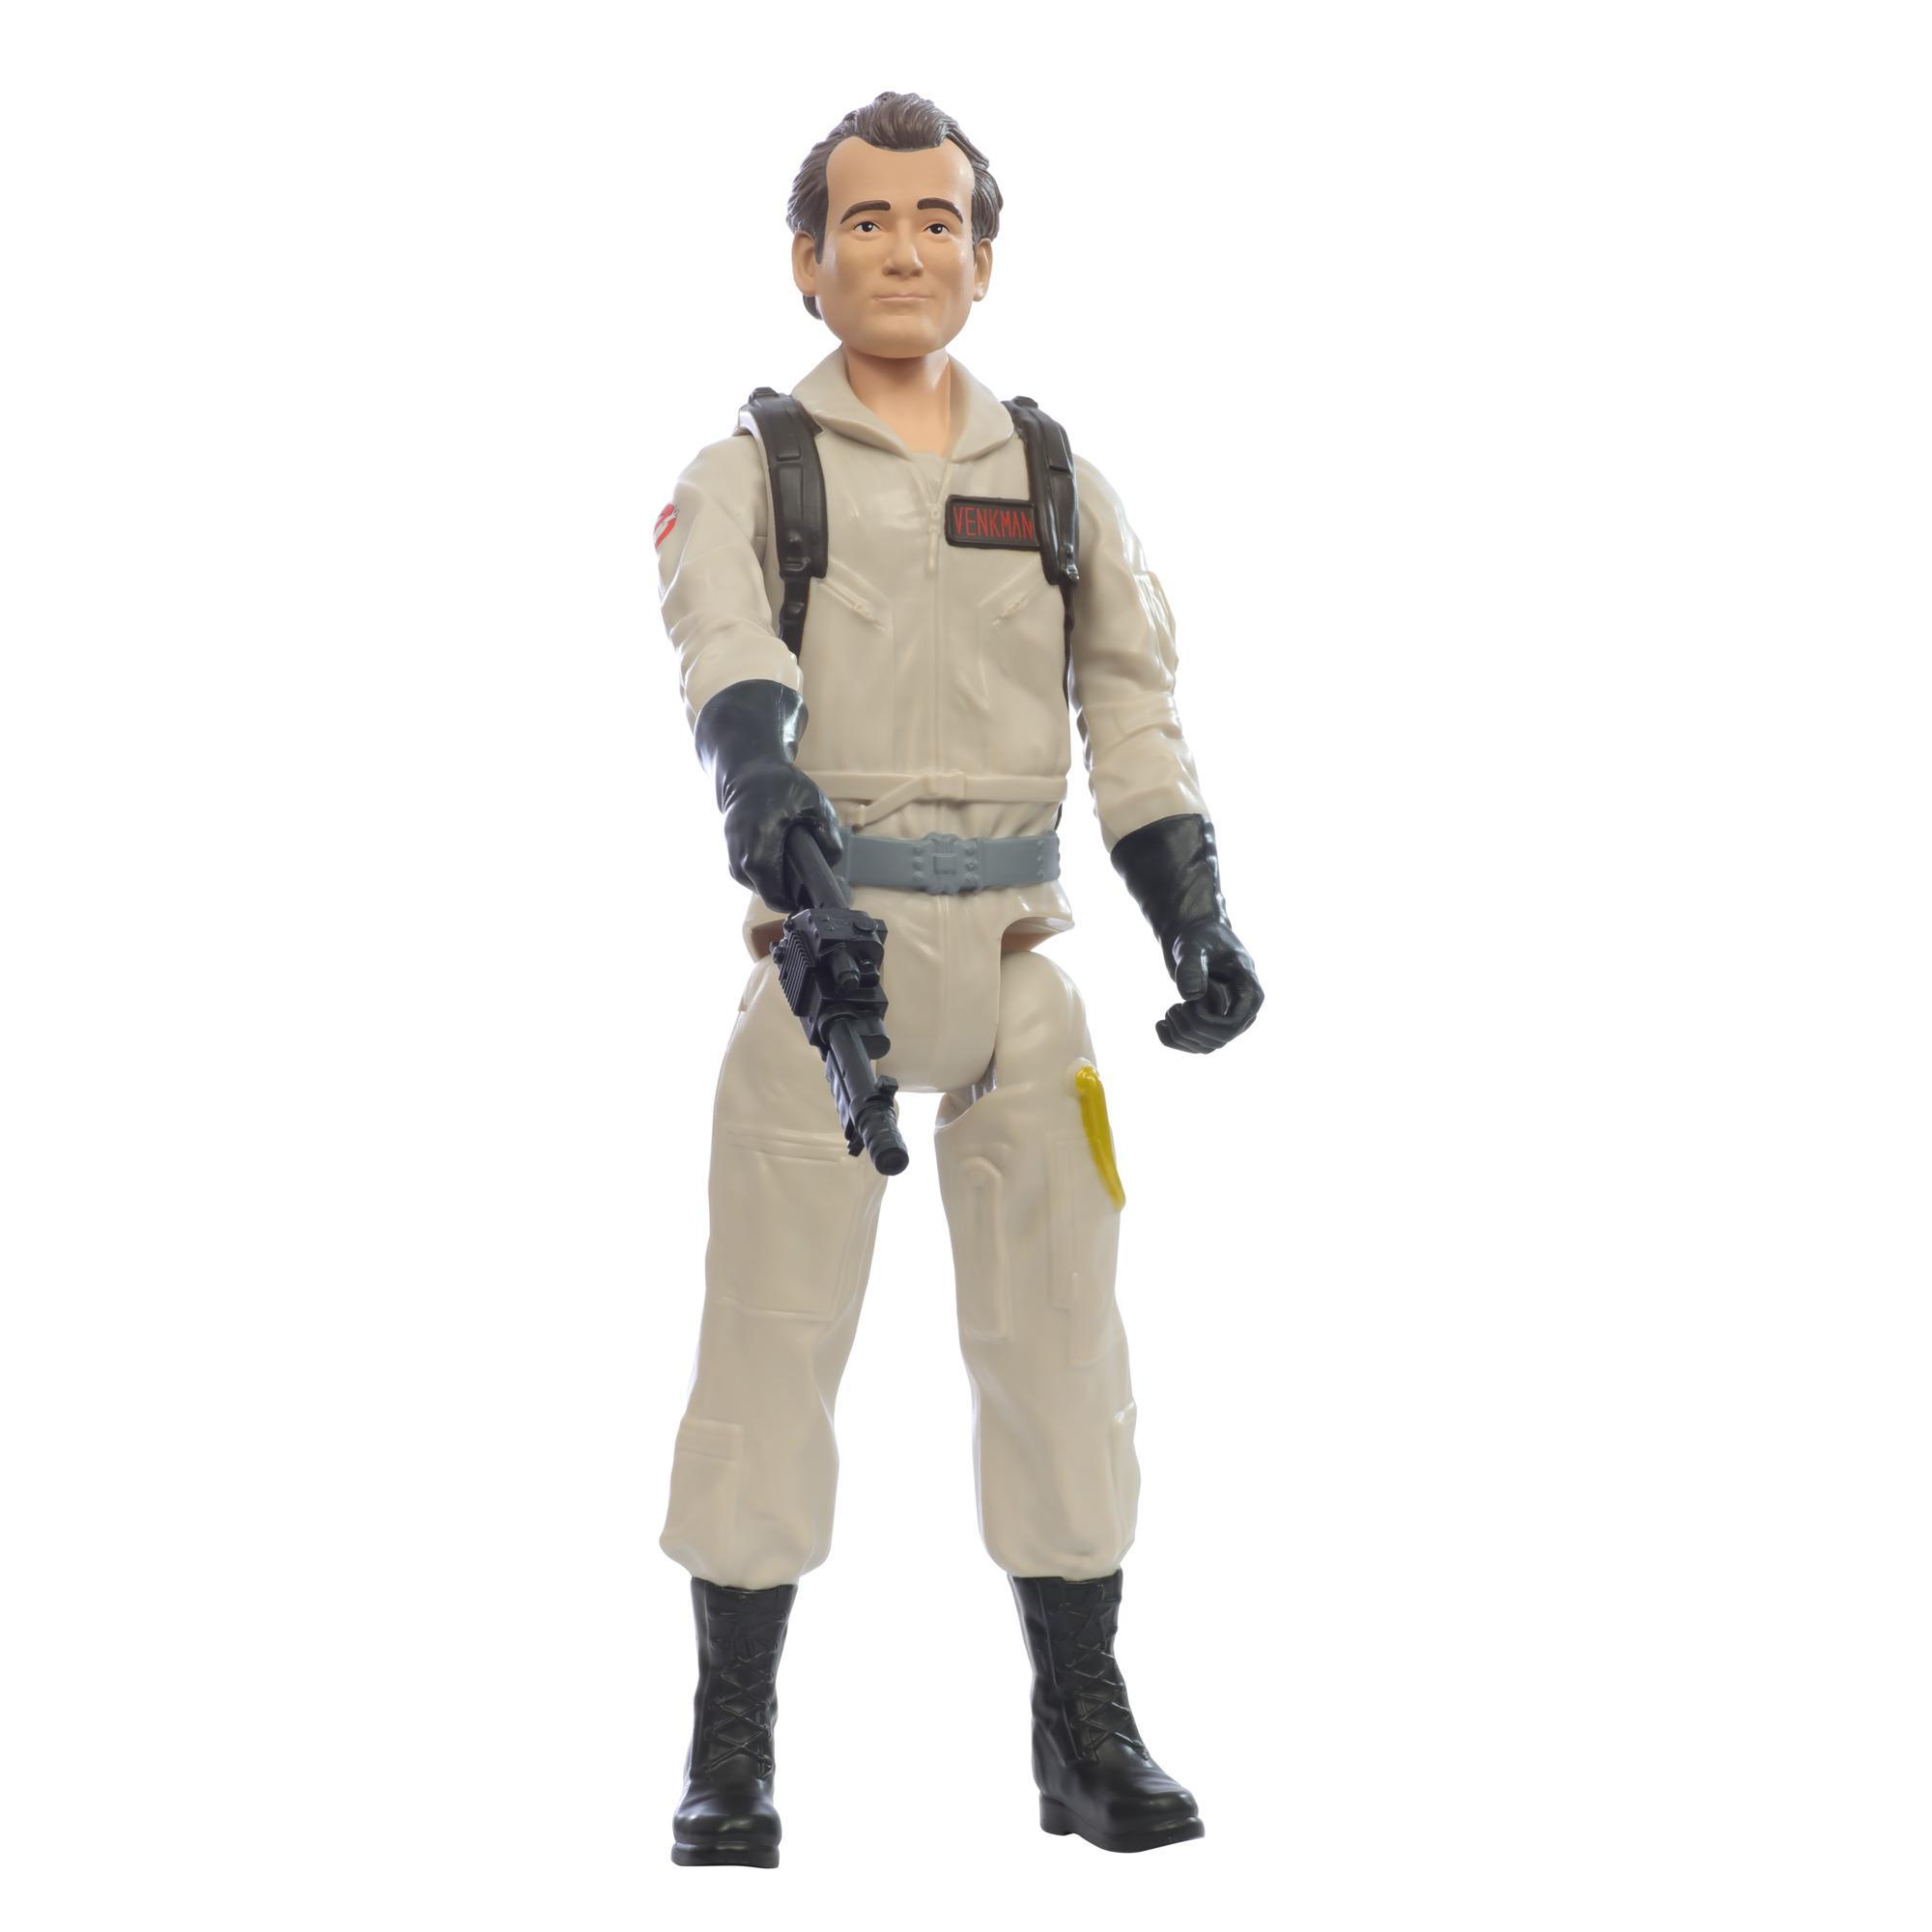 Ghostbusters, Peter Venkman de 30cm, figurine Ghostbusters classique de 1984 à collectionner, pour enfants, dès 4 ans